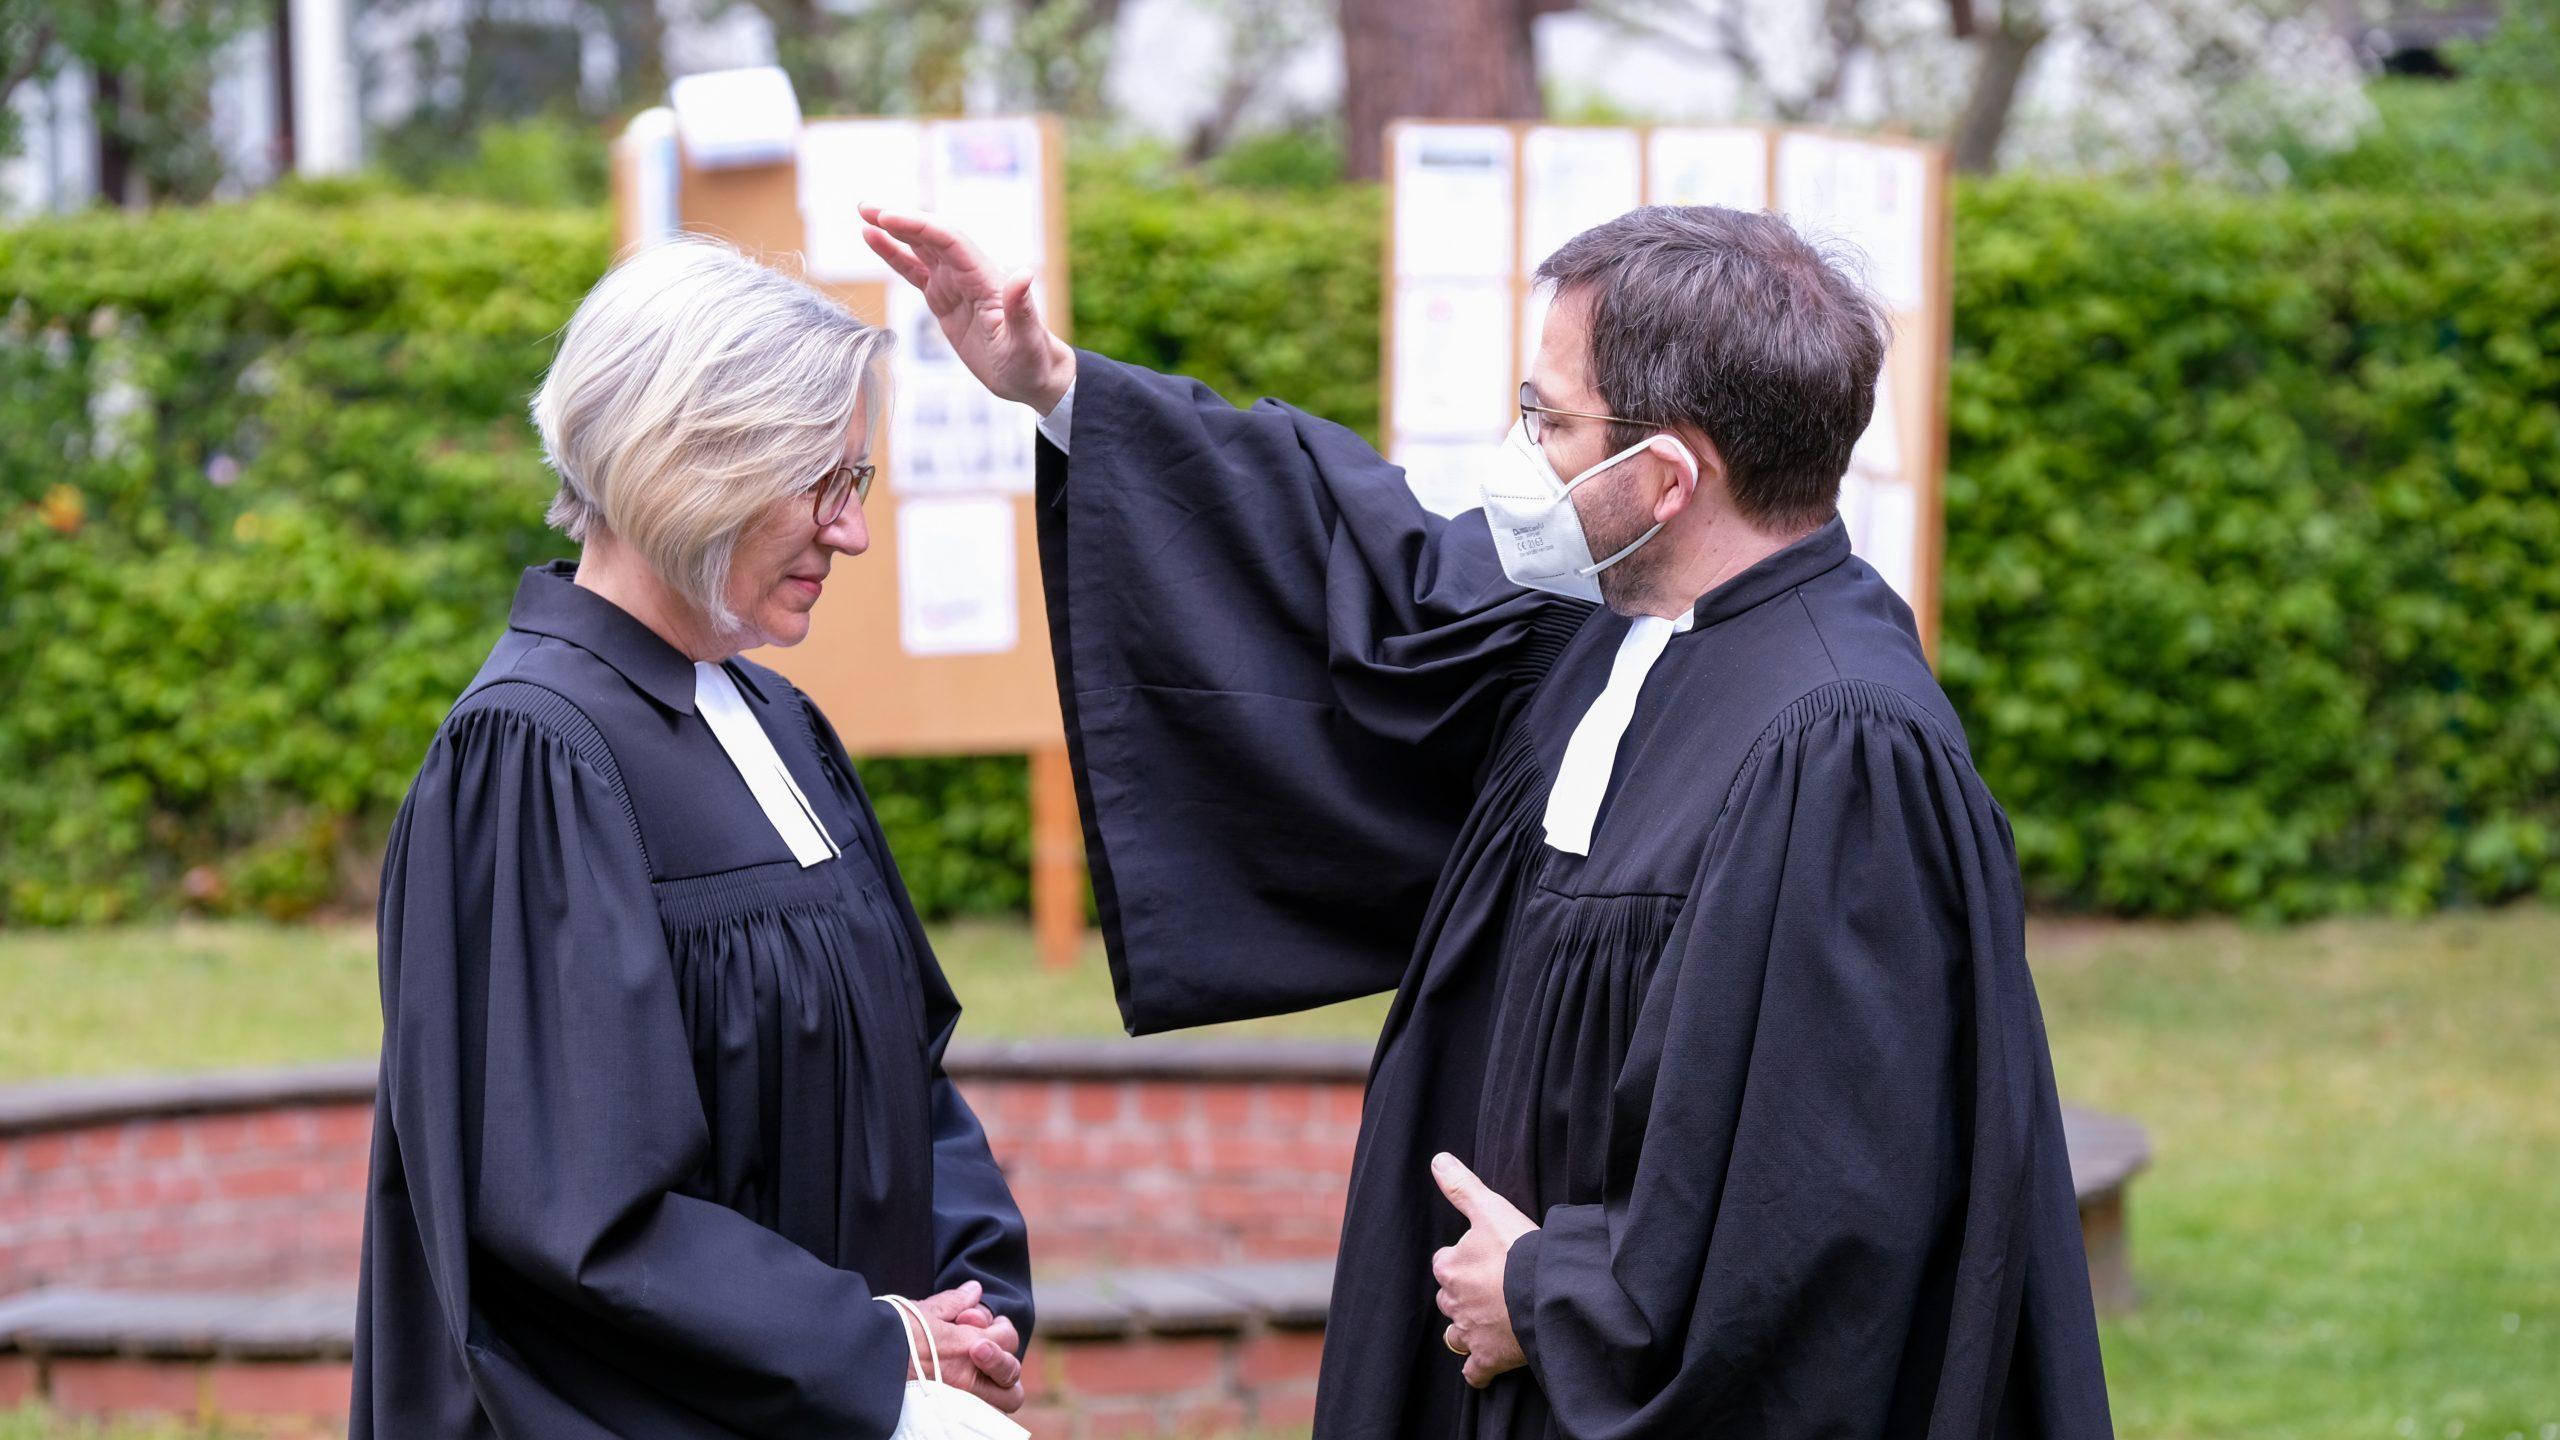 Mit Vogelgezwitscher und dem Mut zur Improvisation – Prädikantin Christine Winterhoff wurde in einem Ordinationsgottesdienst in ihr Amt in der Evangelischen Kirchengemeinde Vingst-Neubrück-Höhenberg eingeführt